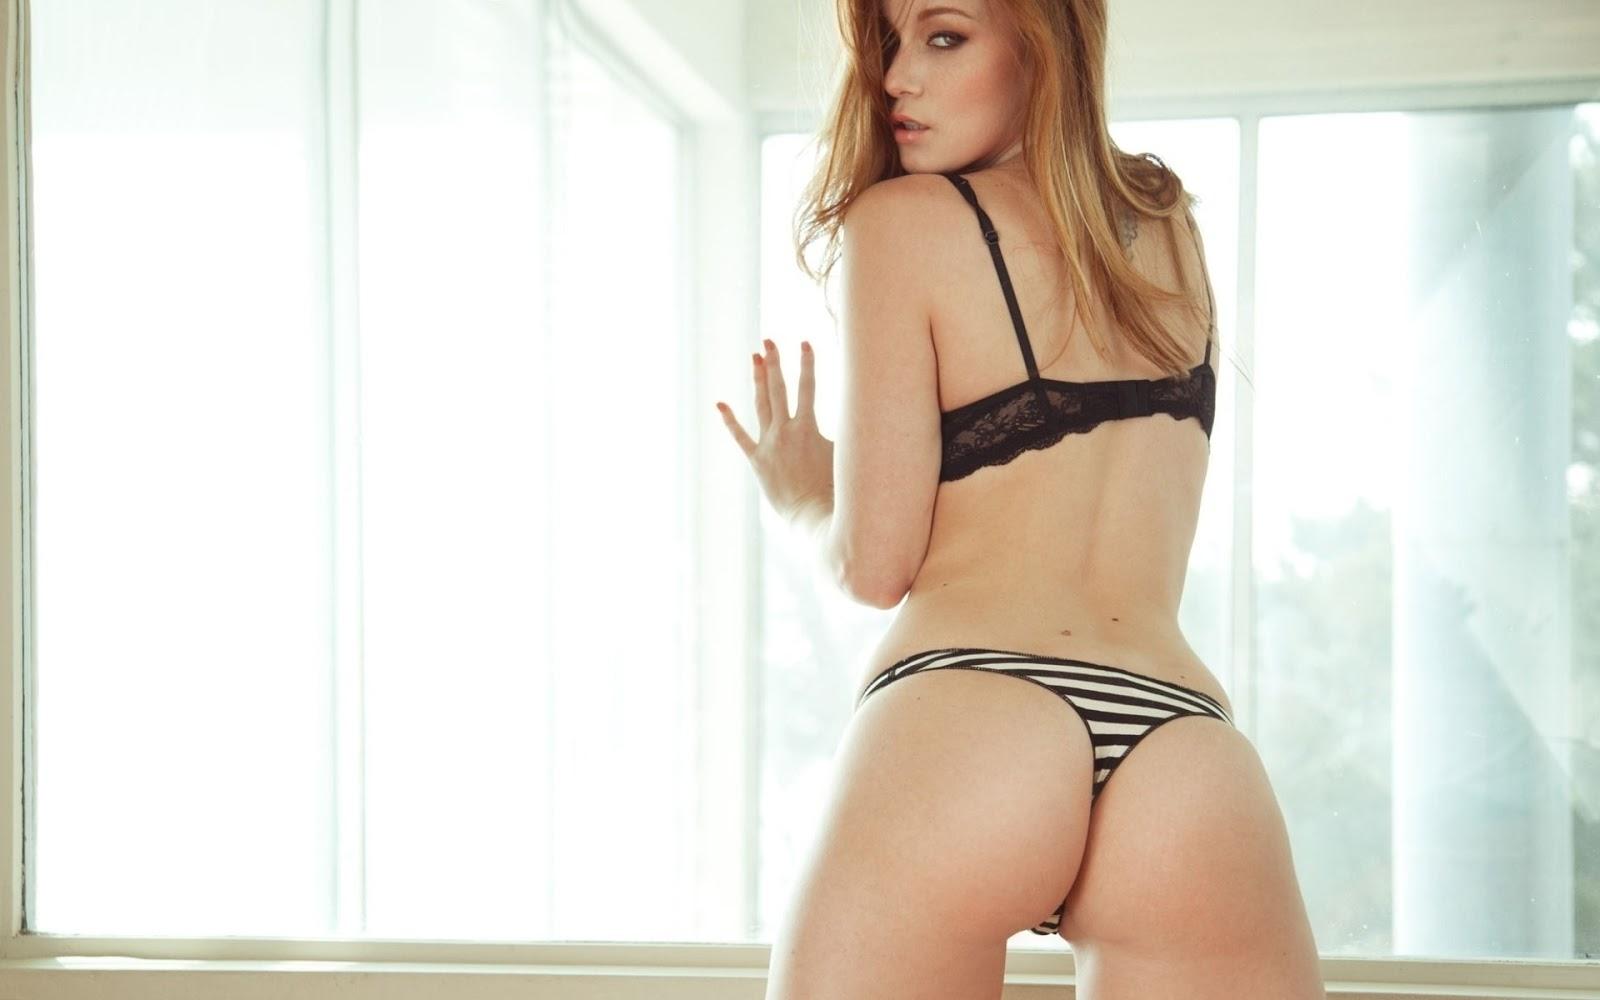 Fotos De Modelos Wallpapers De Modelos Y Fondos Chicas